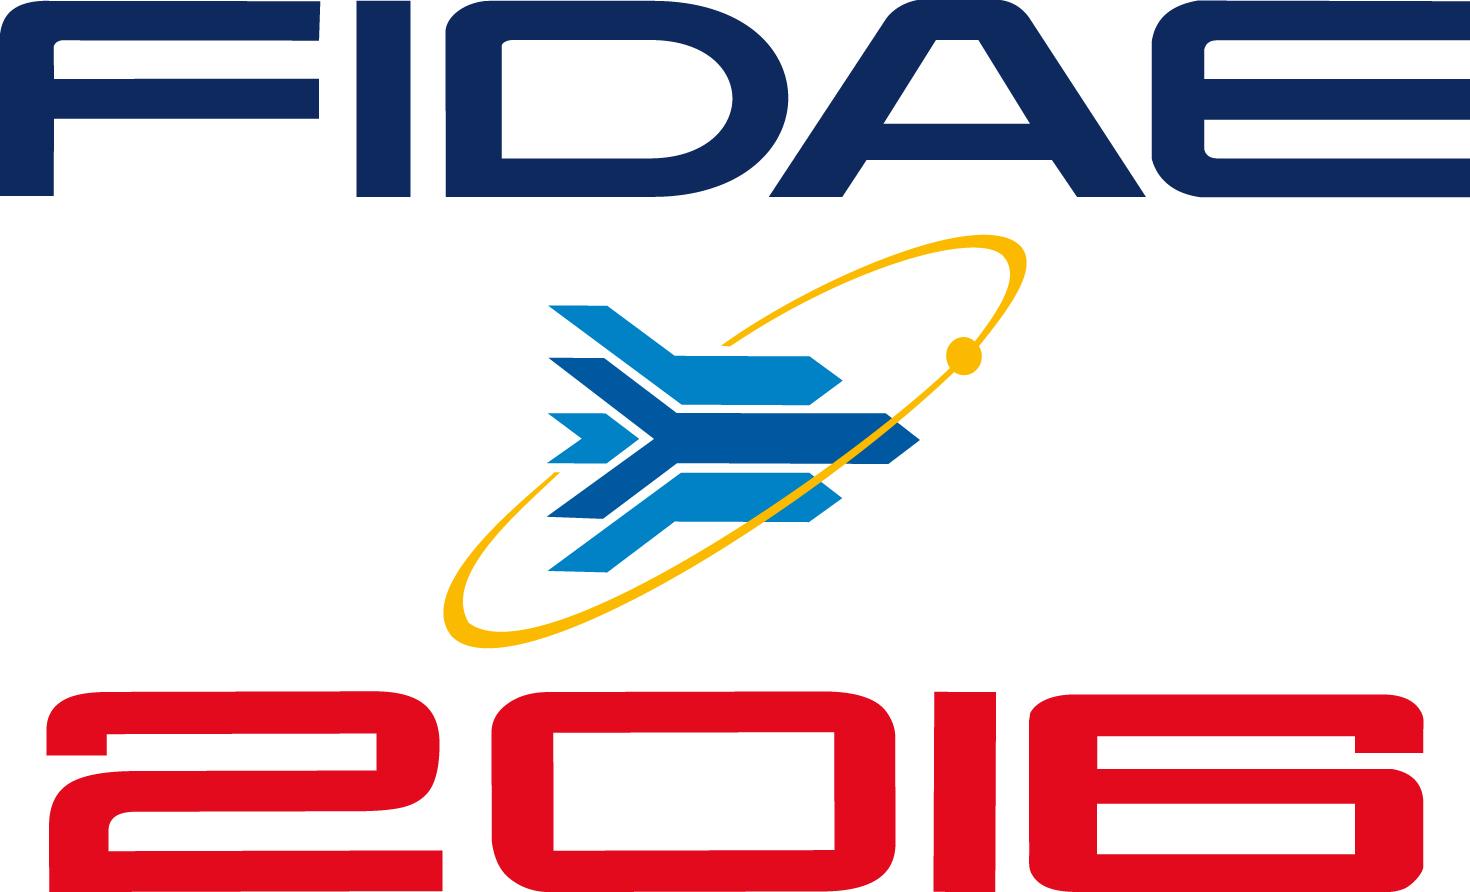 Seguimiento Fidae 2016